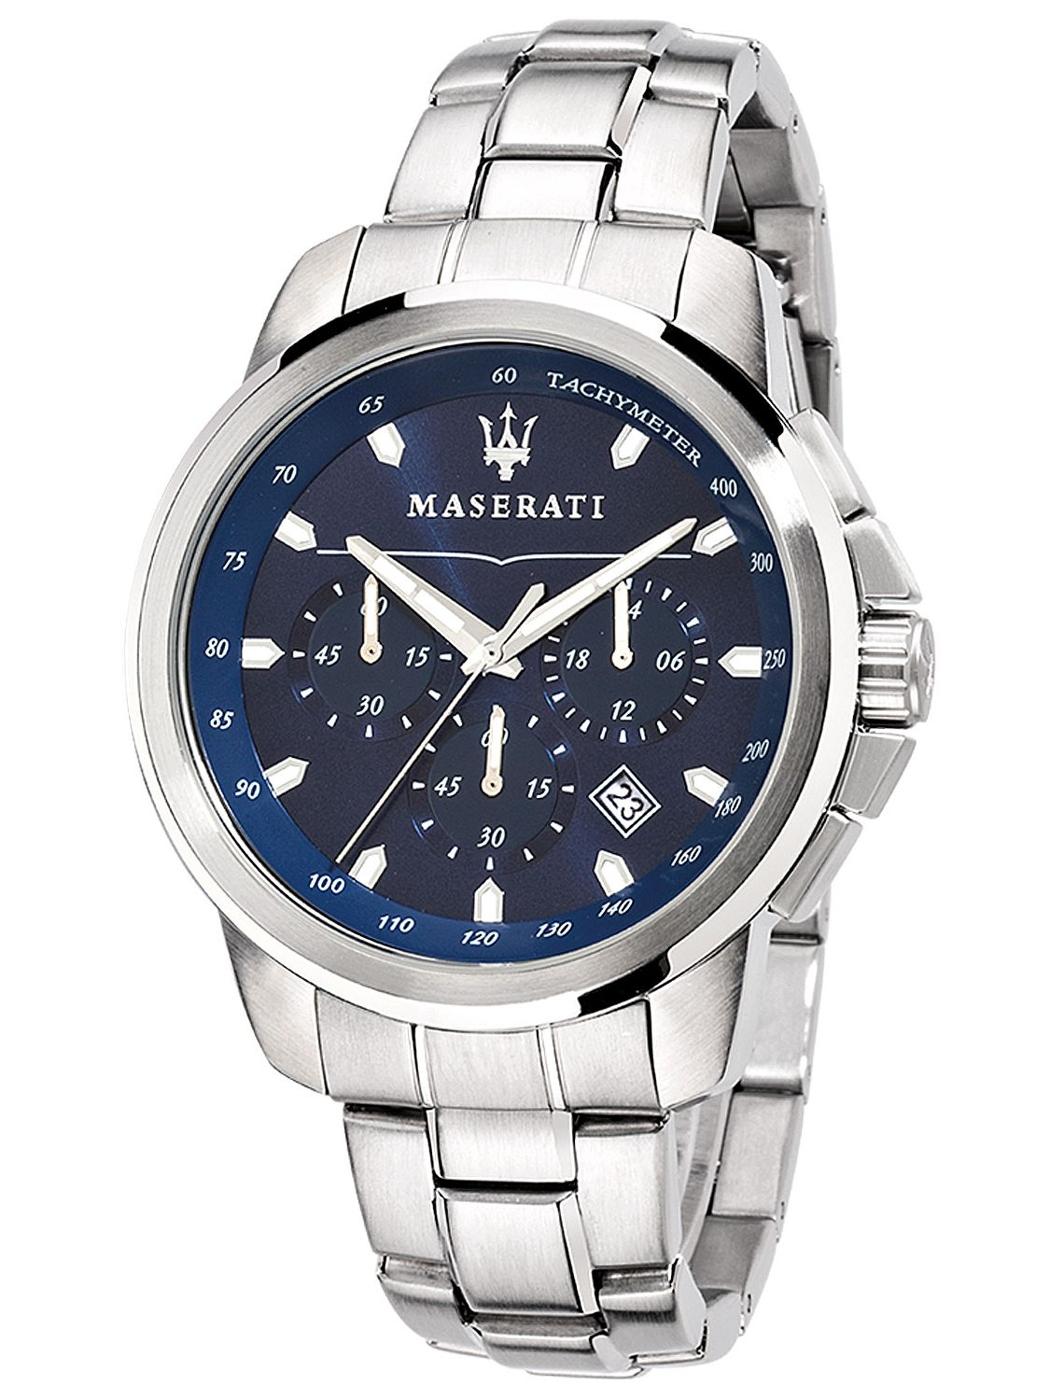 MASERATI WATCH-瑪莎拉蒂手錶-三眼炫銀深藍款-R8873621002-錶現精品公司-原廠正貨-鏡面保固一年